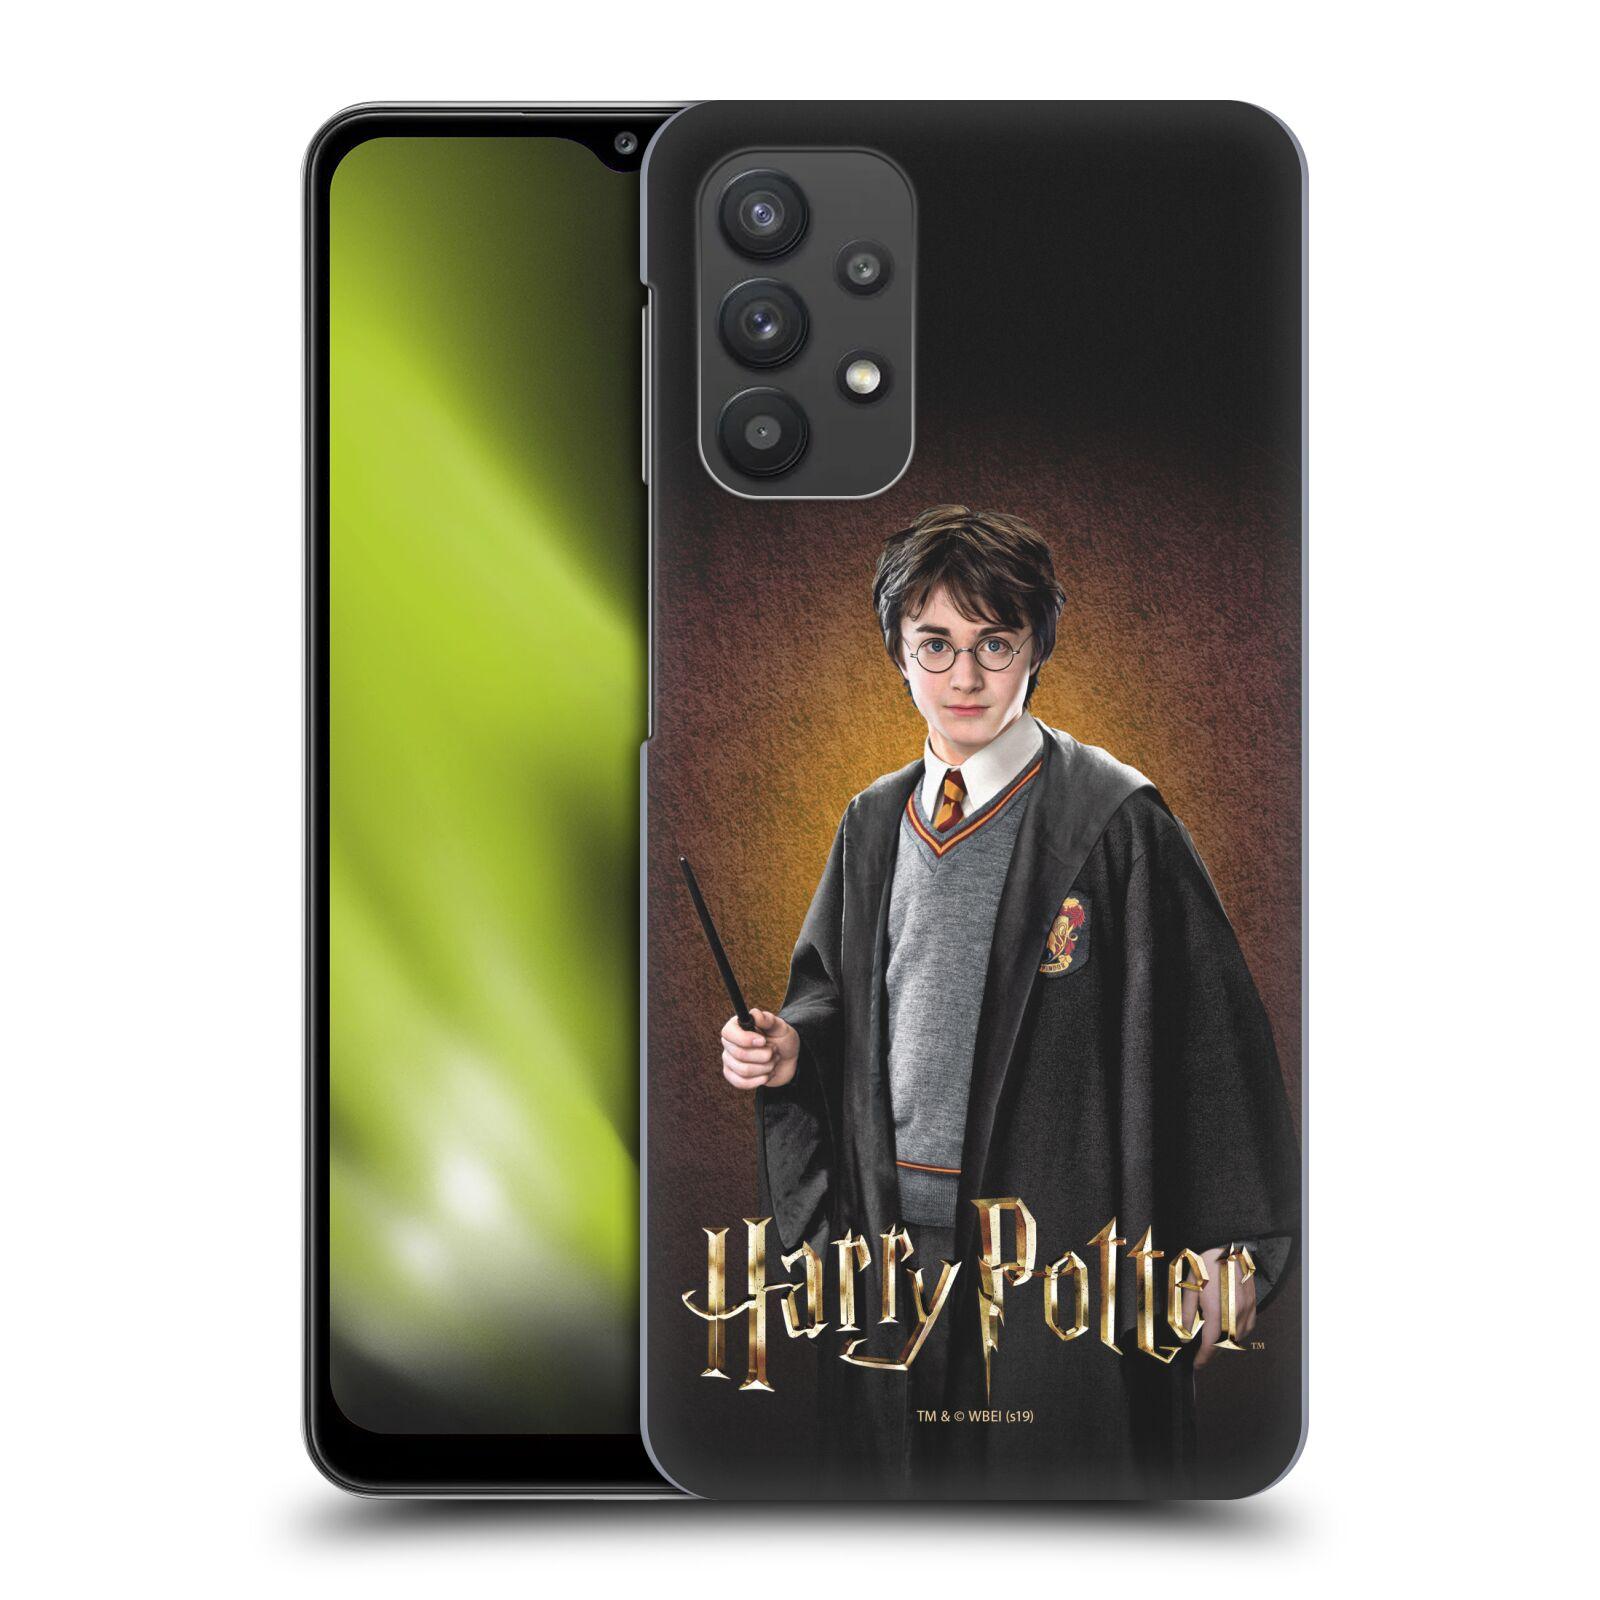 Plastové pouzdro na mobil Samsung Galaxy A32 5G - Harry Potter - Malý Harry Potter